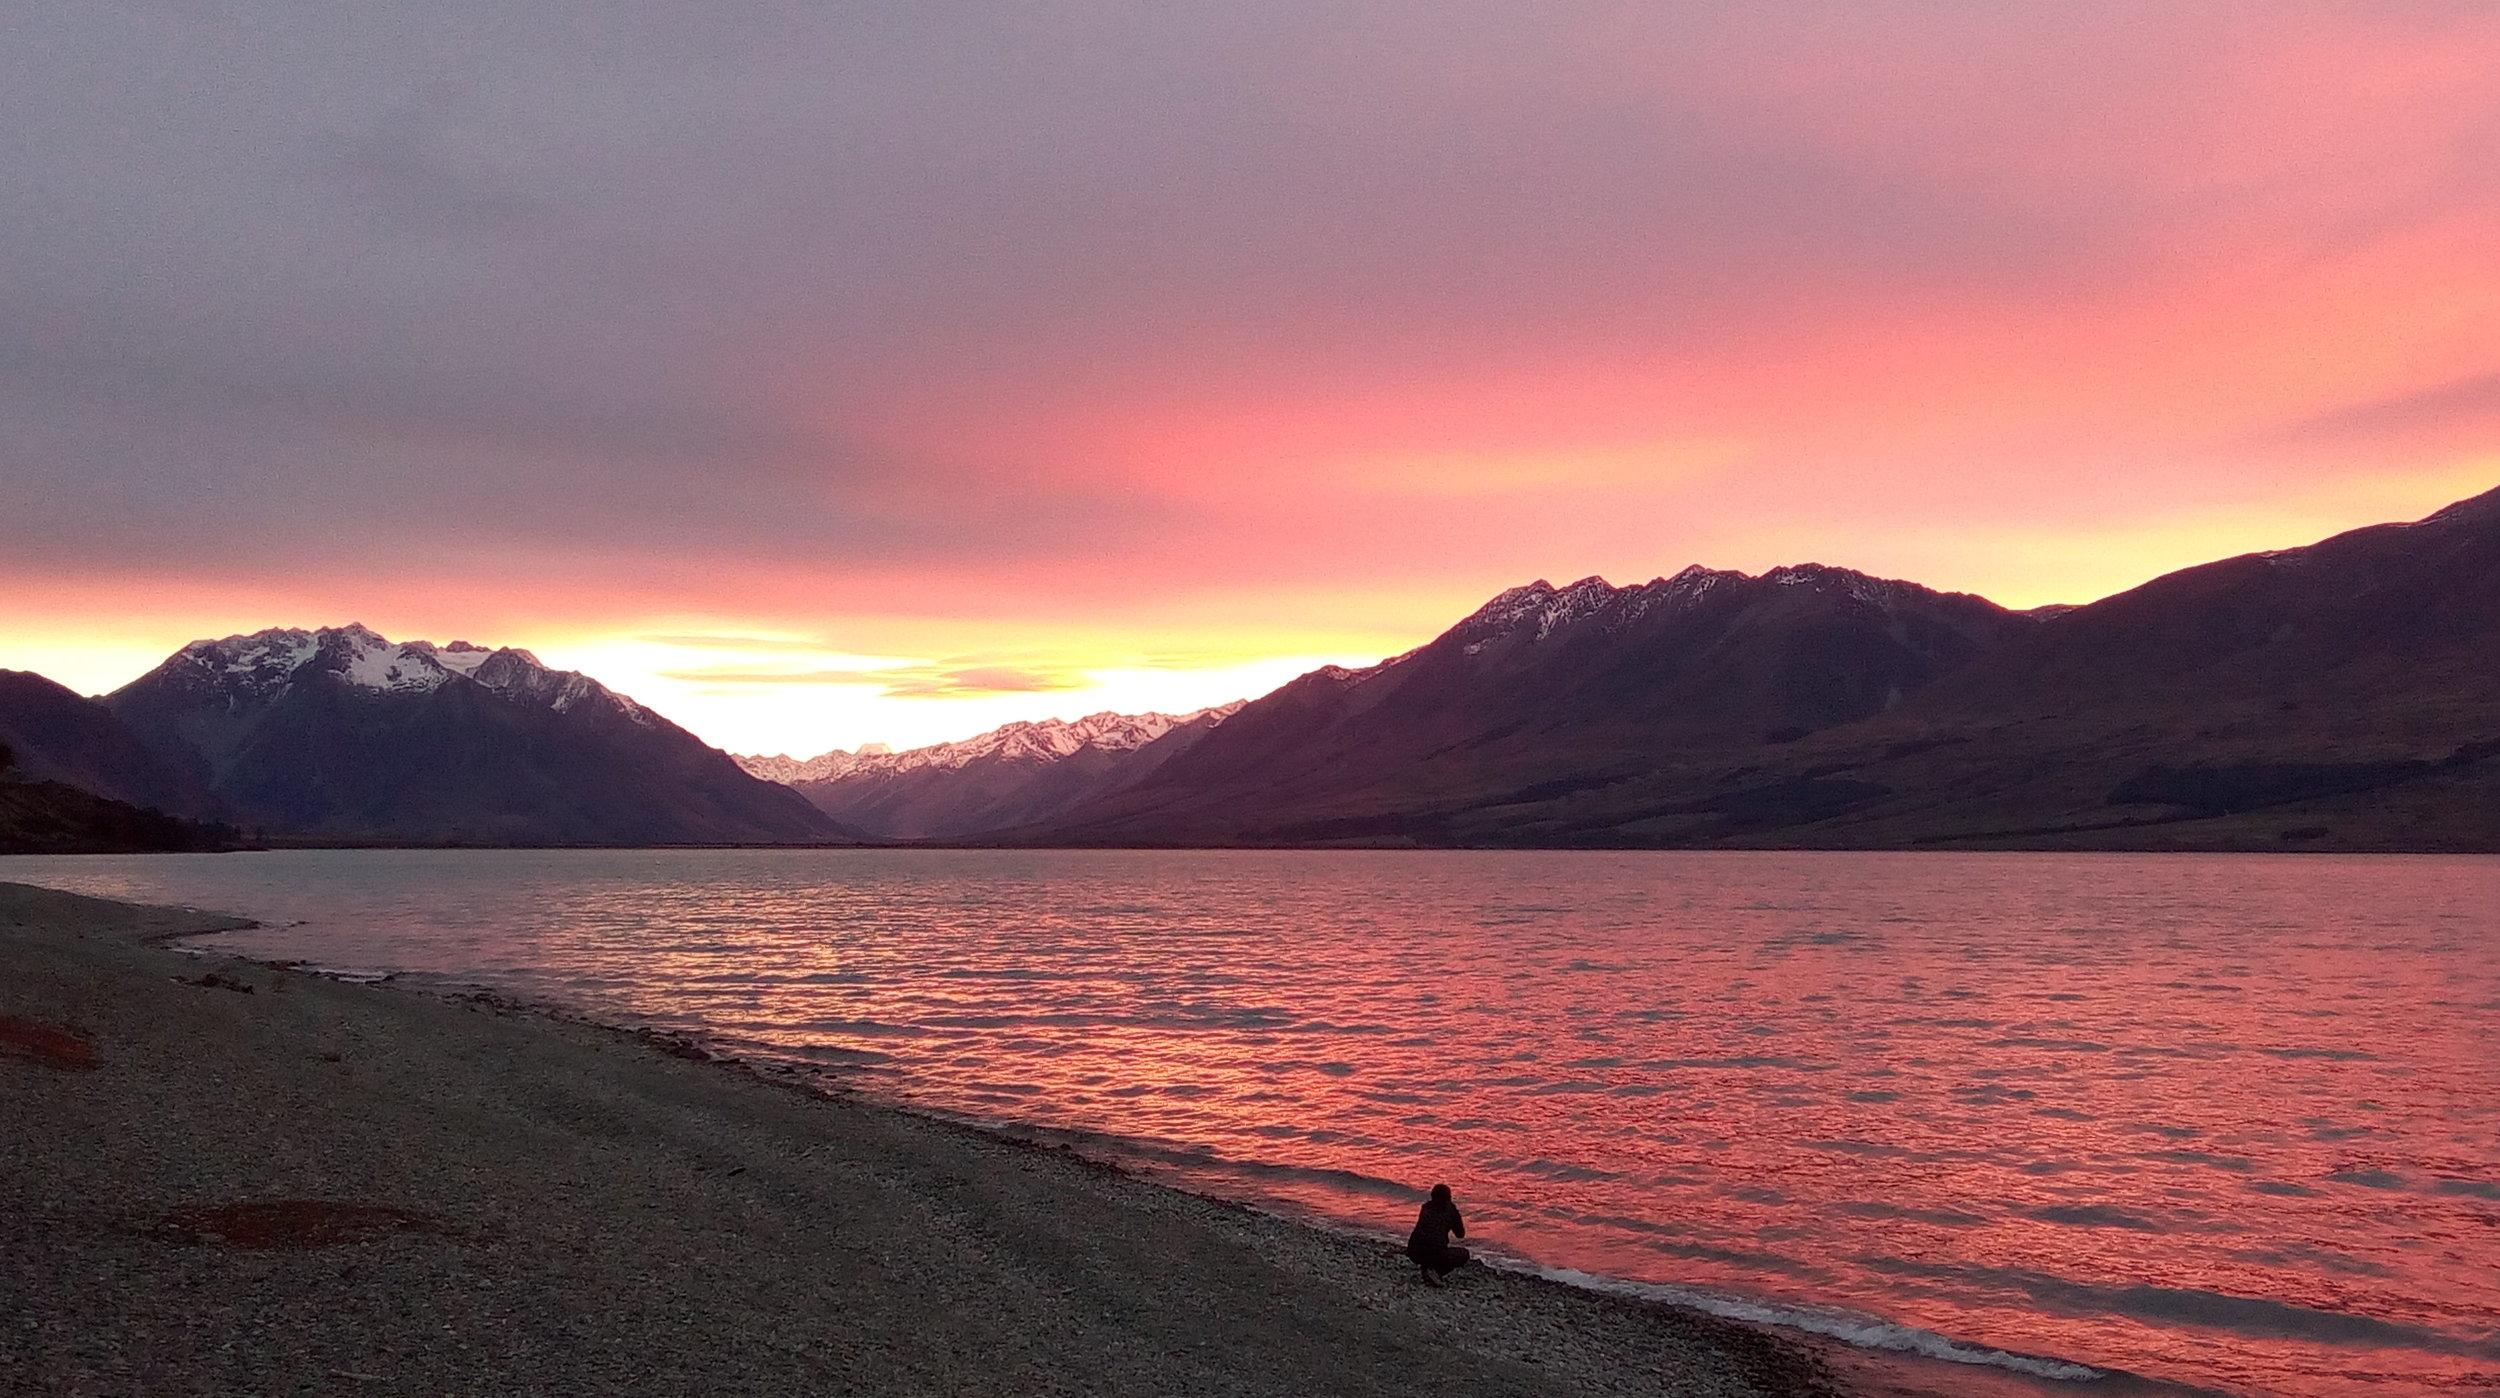 Lake Ohau at sunset